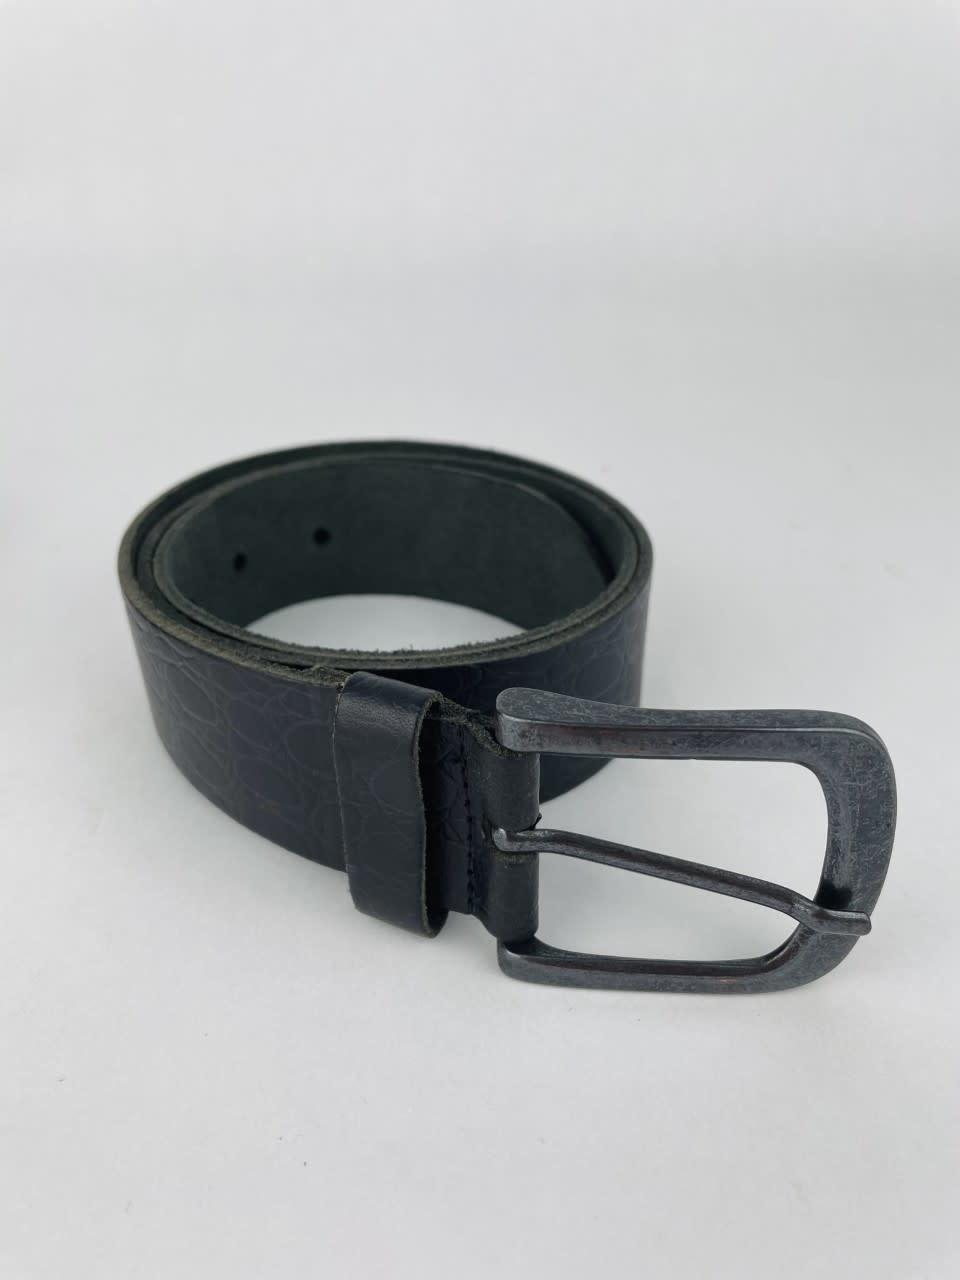 Crolette leather belt Black-4